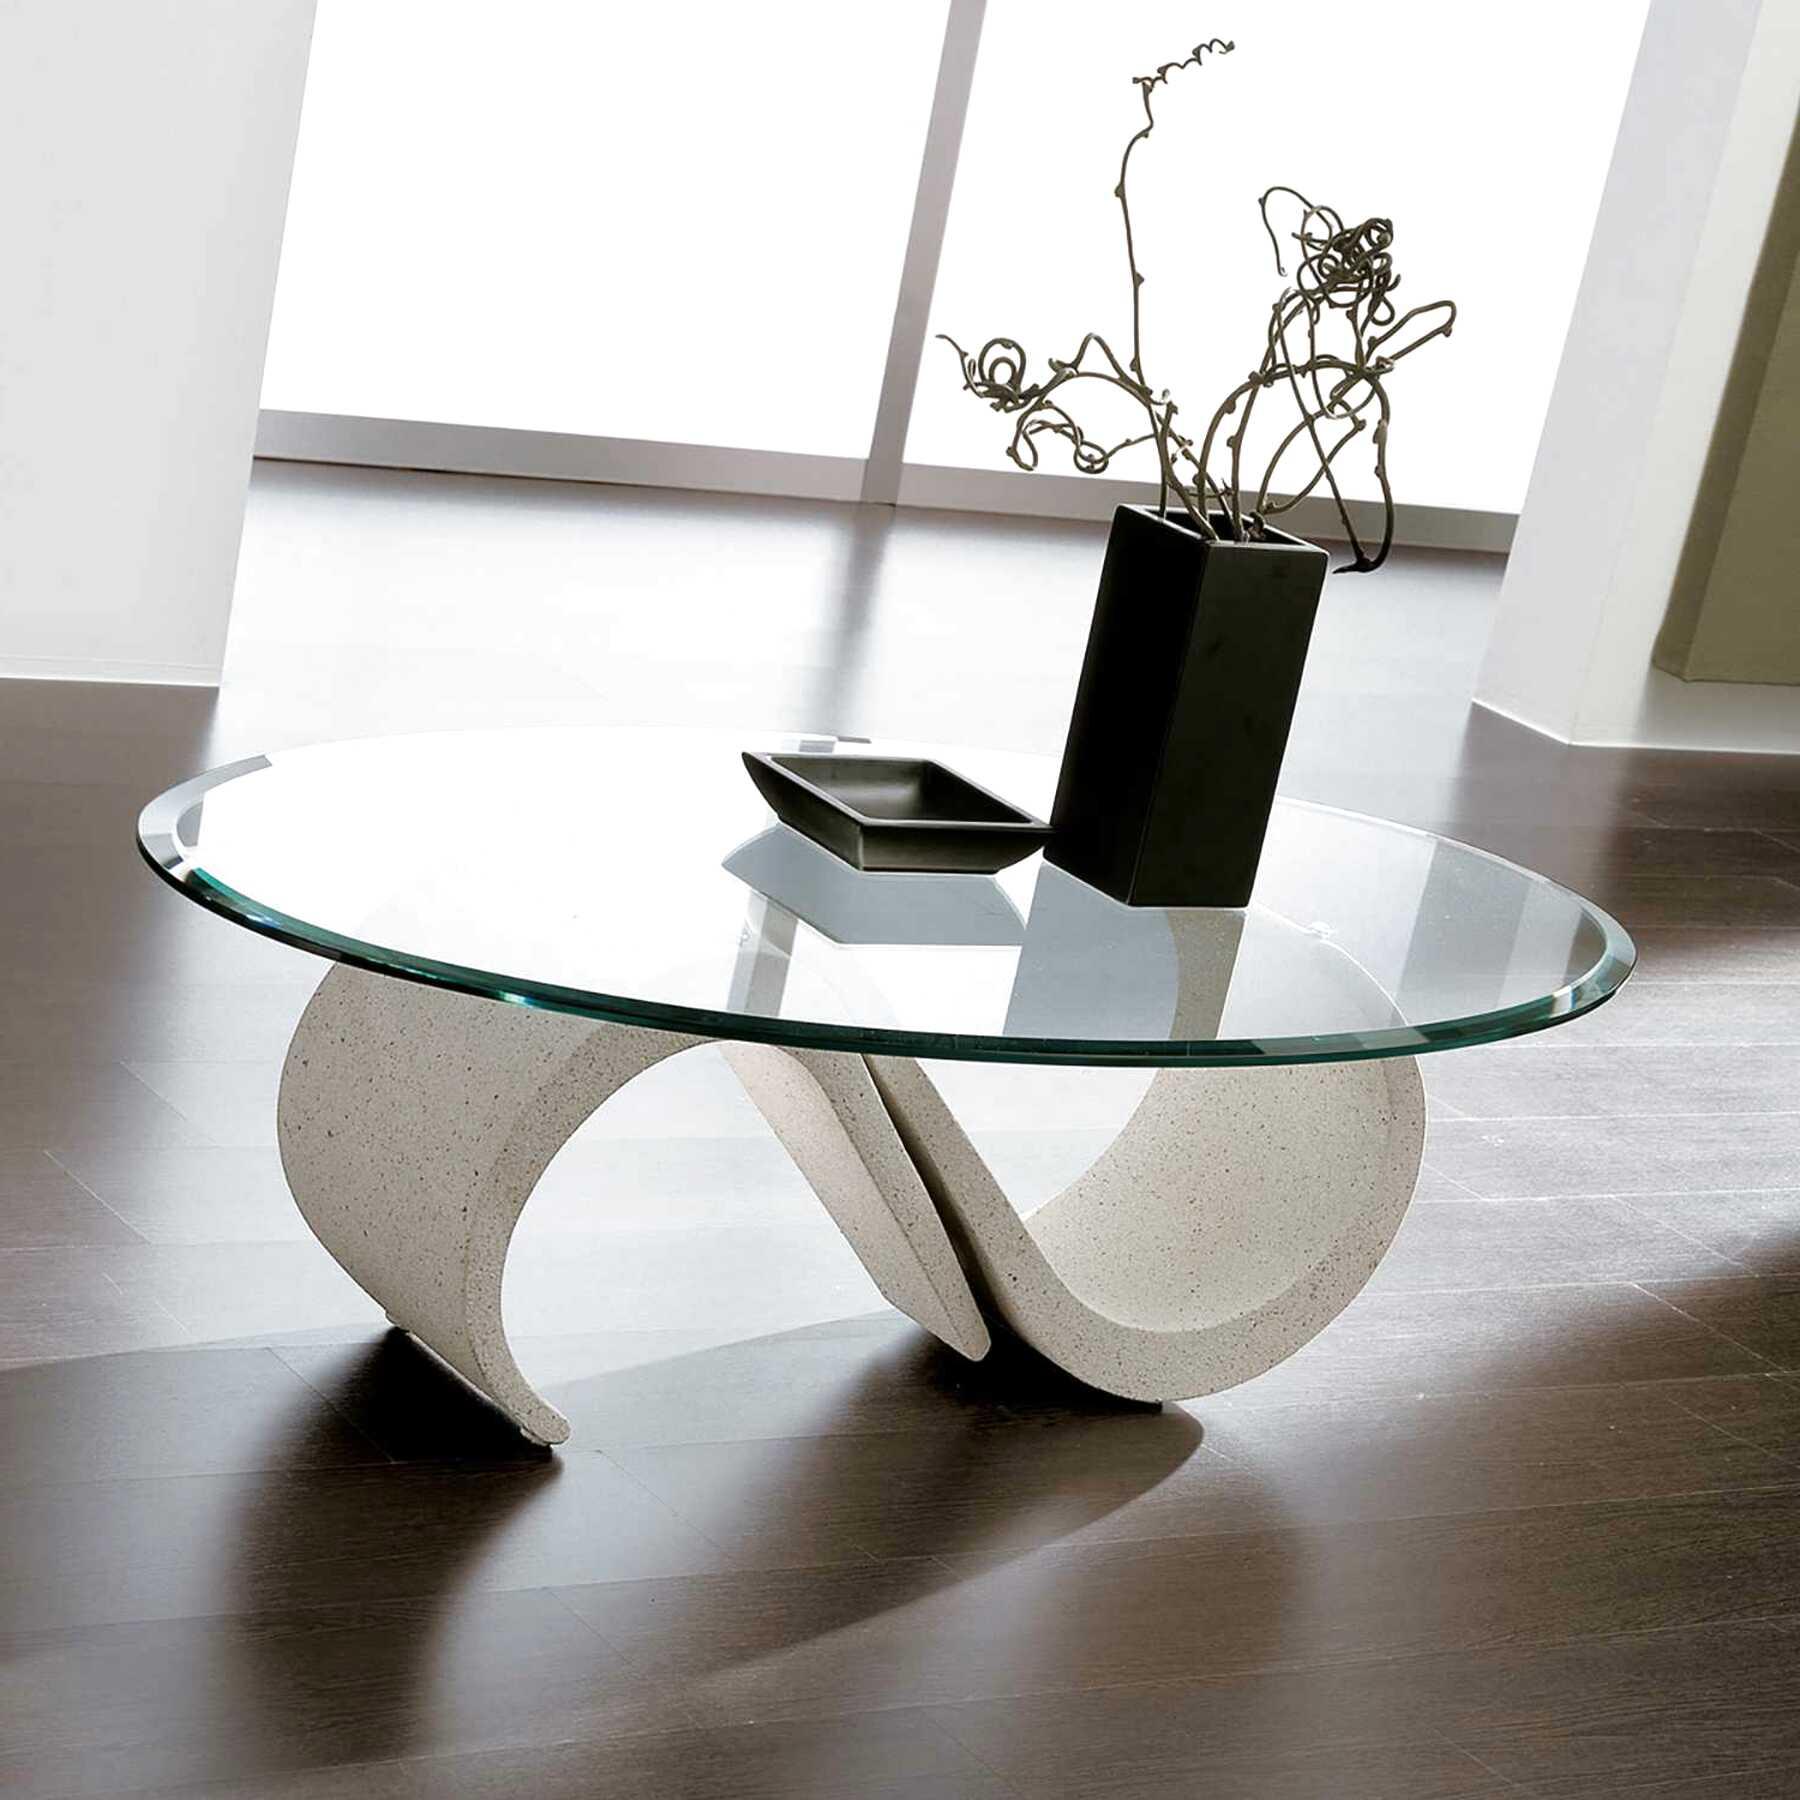 Tavolini Salotto Vetro usato in Italia   vedi tutte i 55 ...